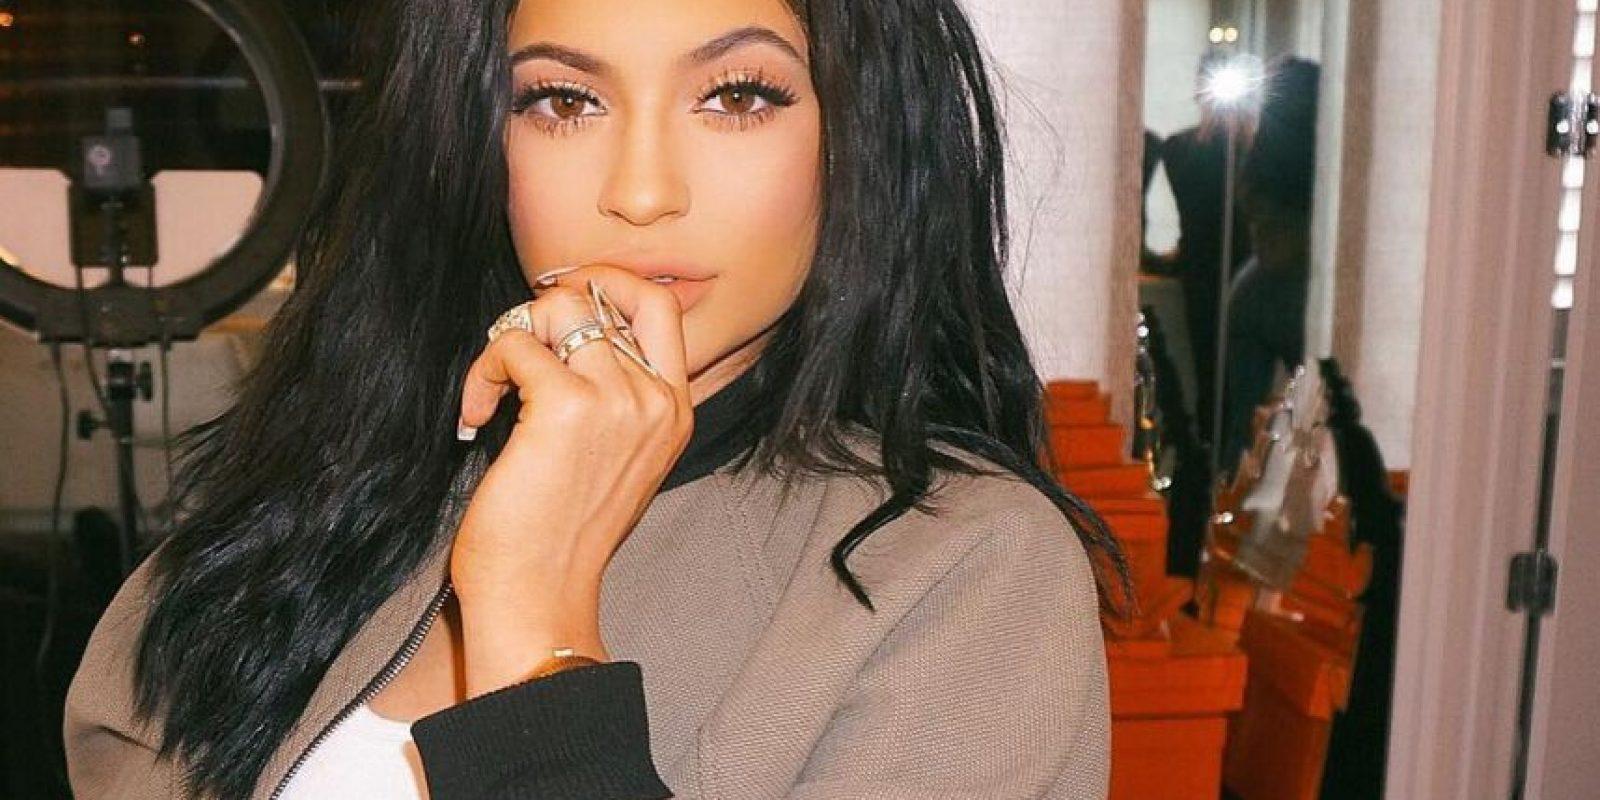 Así que, a donde sea que vaya Kylie, el experto la acompaña. Desde qué outfit usar, hasta qué posición tomar y en qué escenario se verá mejor, son los consejos que esta persona está obligada a darle Foto:Vía instagram.com/kyliejenner/